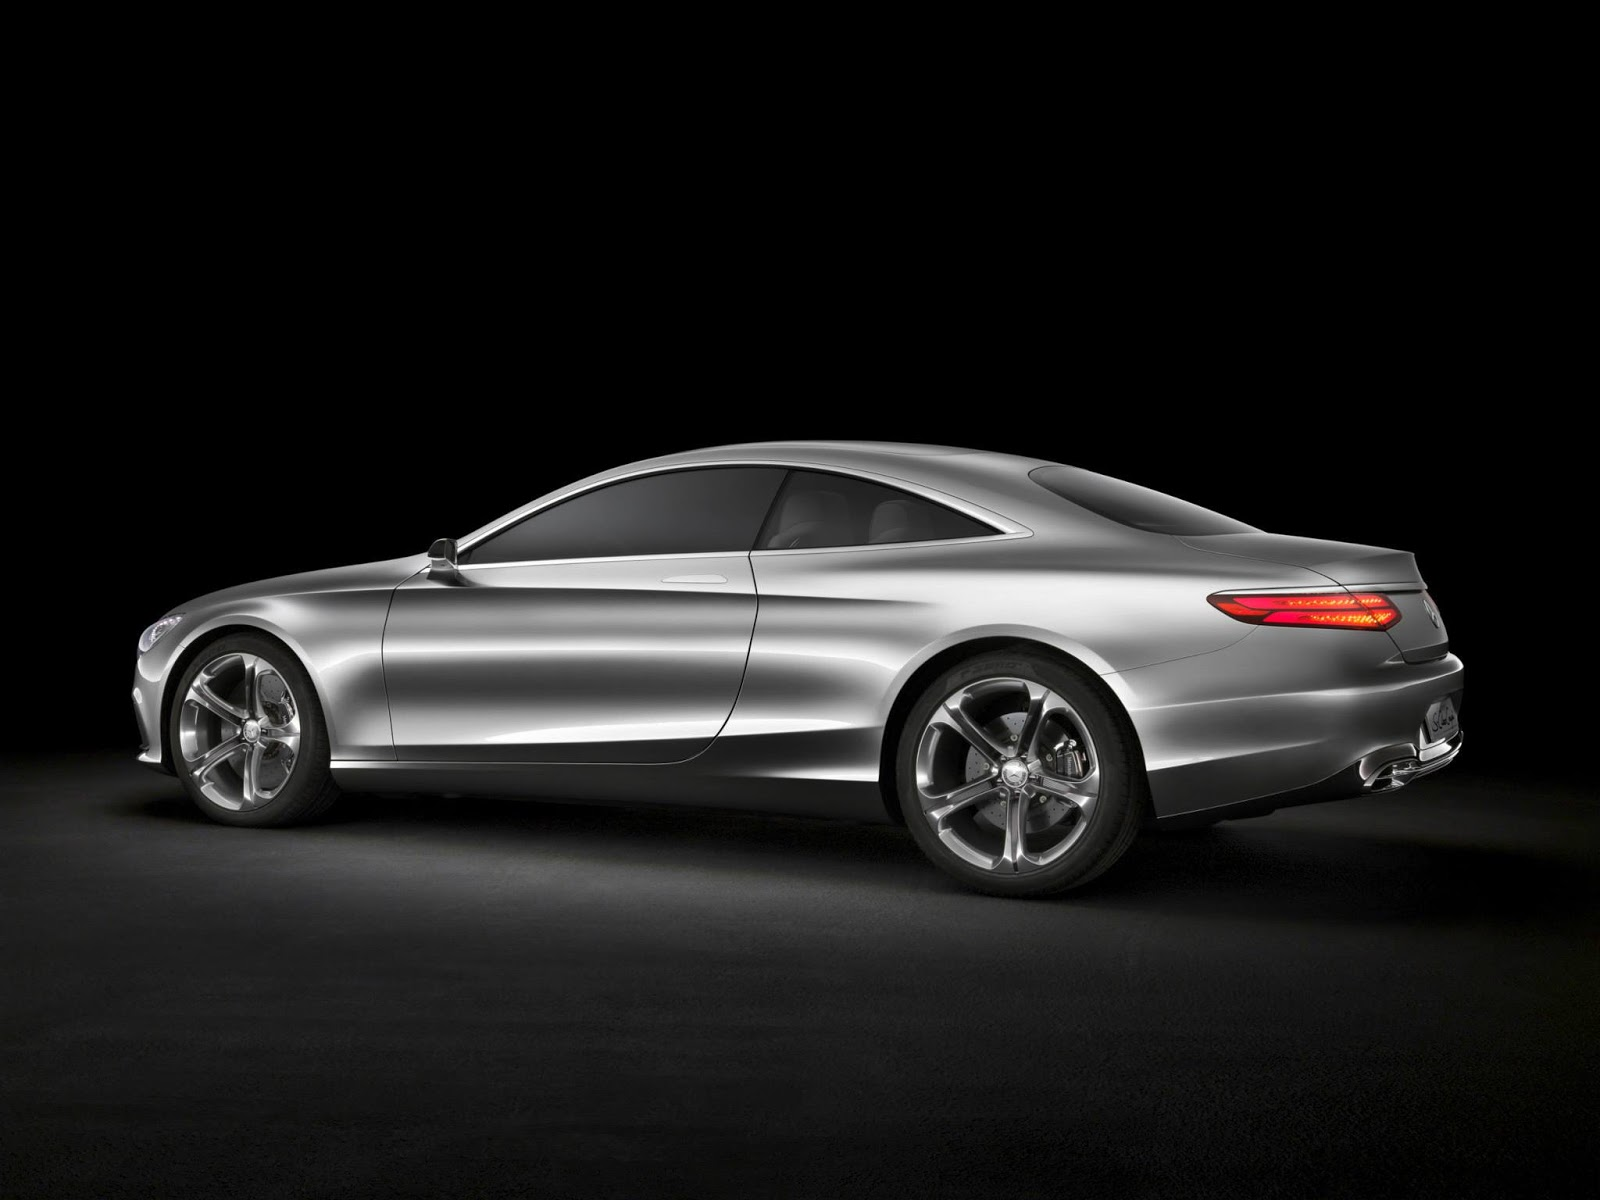 Mercedes Benz Ocean Drive Concept Wallpaper Concept Cars HD uk